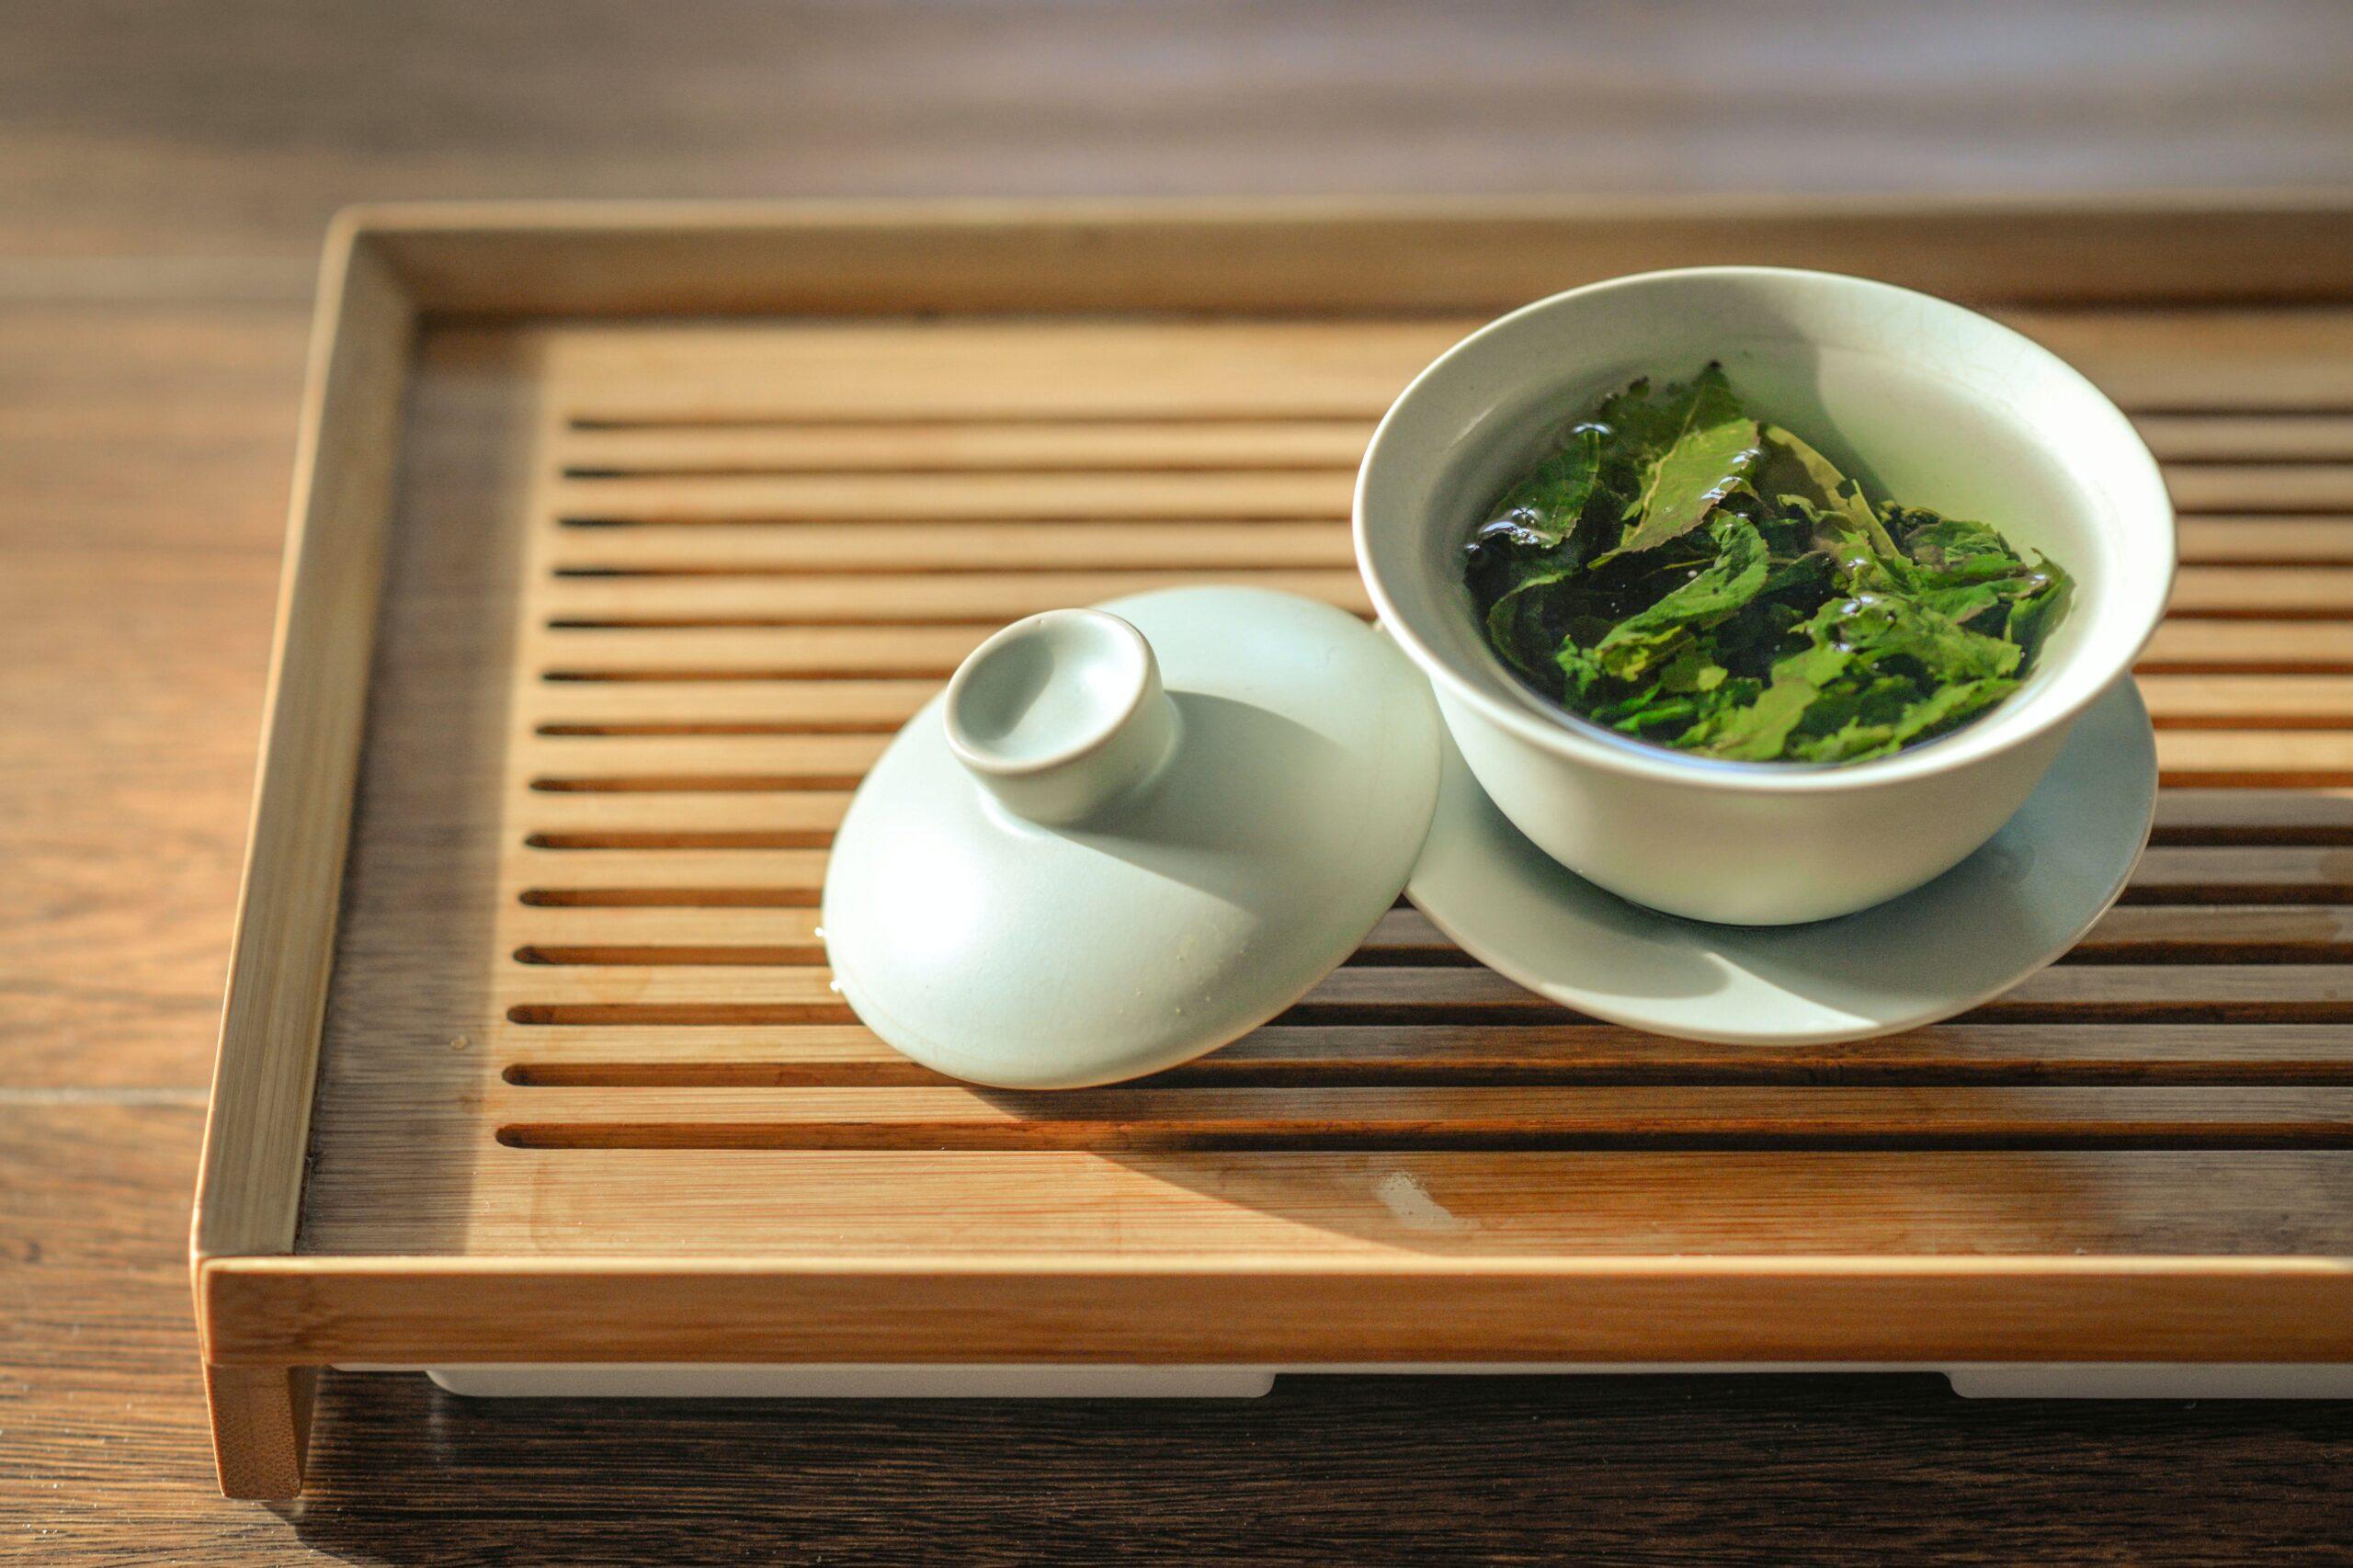 吉沢亮さんの最新CMはキリンビバレッジの「生茶」